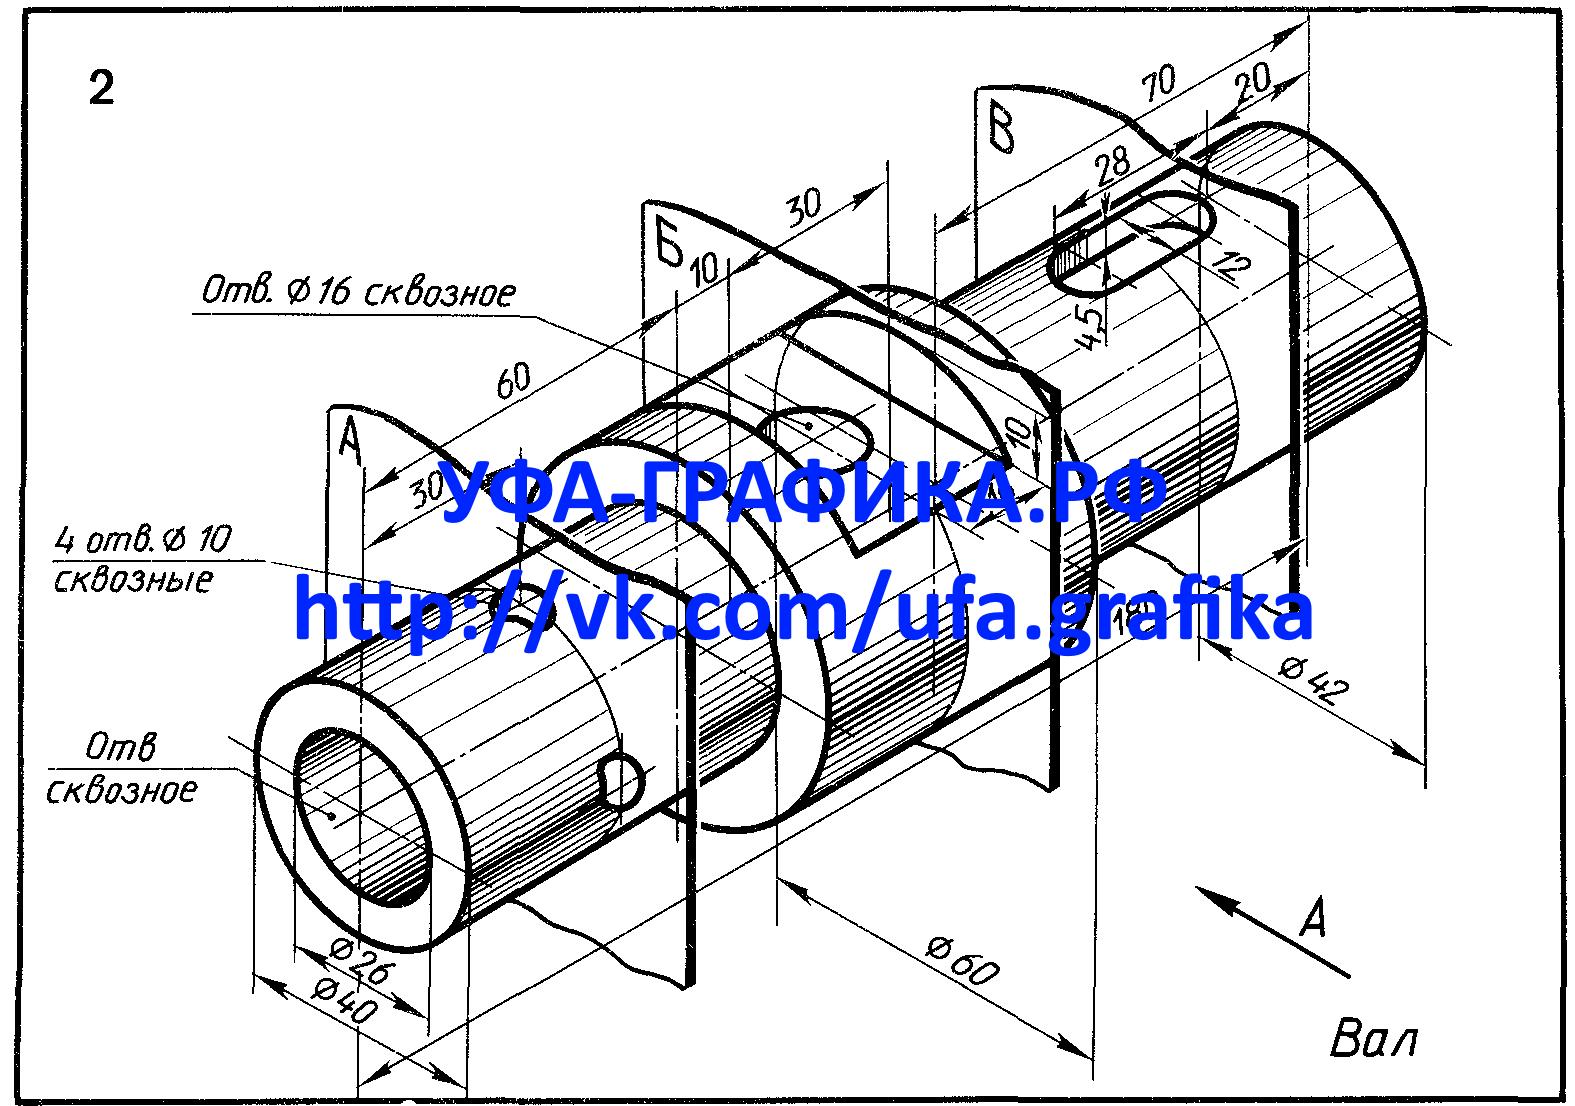 Сечения вала - Вариант 2, чертежи, деталирование, 3Д модели, начертательная геометрия, инженерная графика